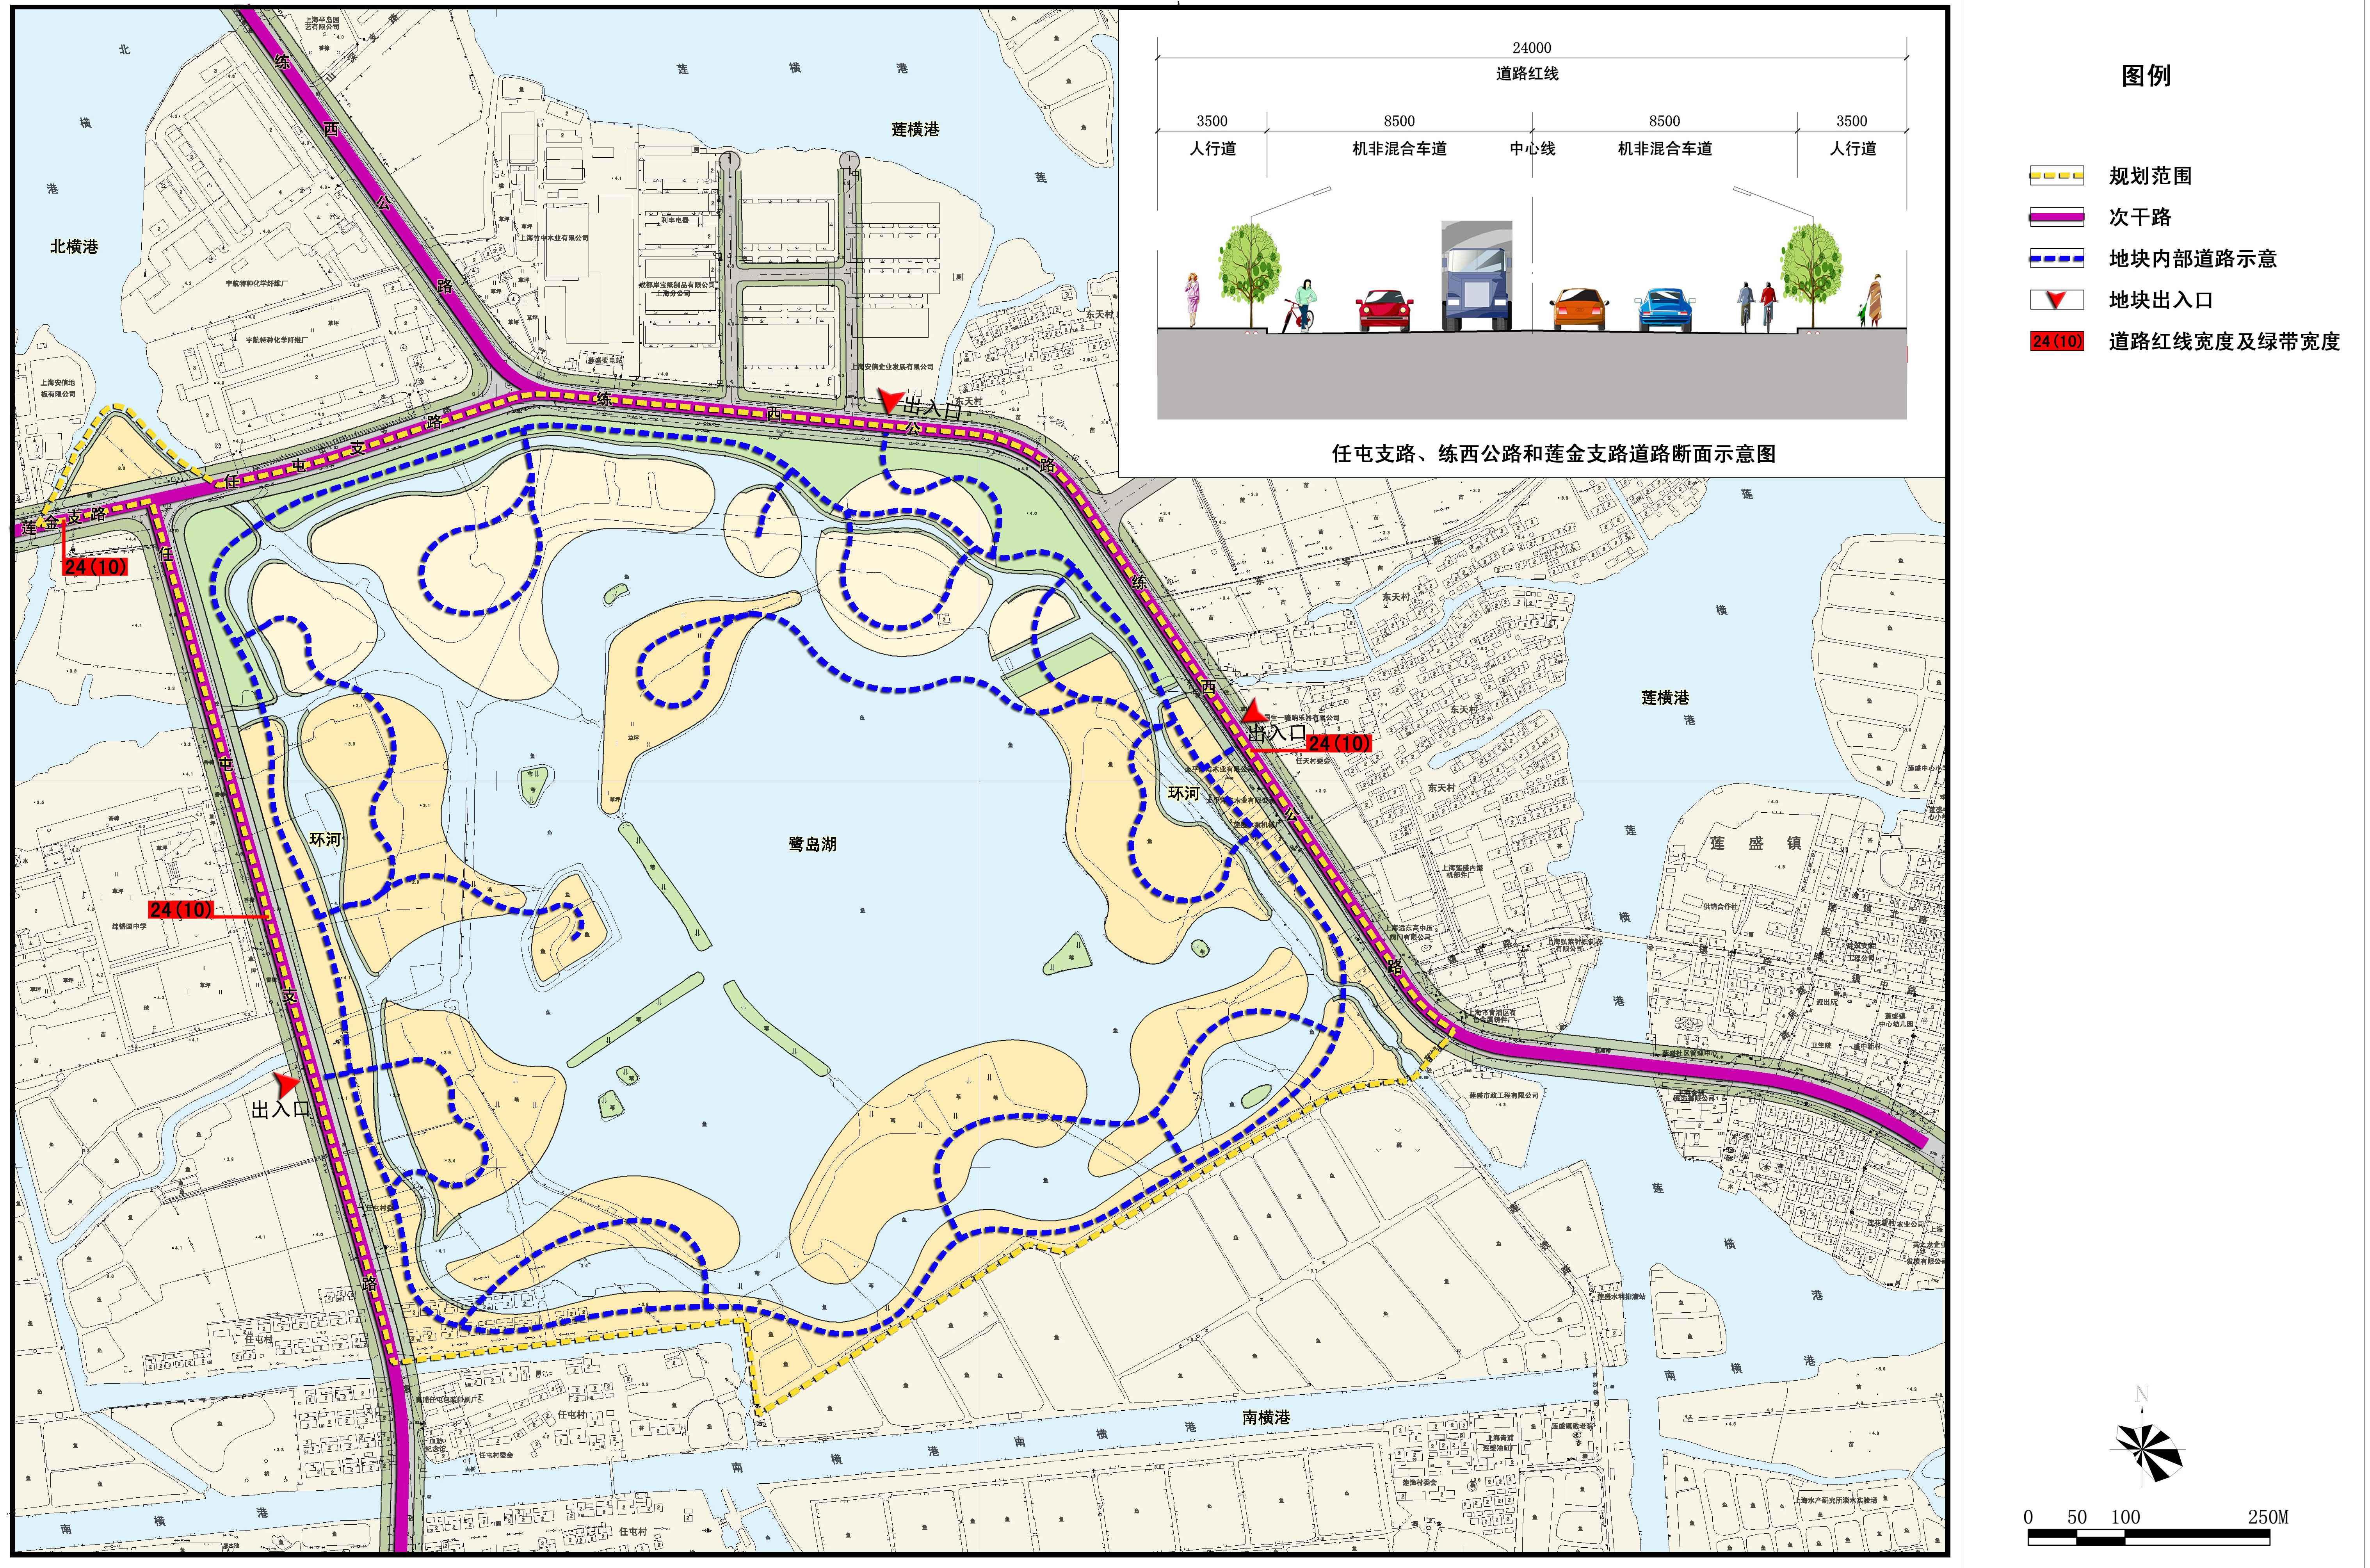 道路系统规划图副本